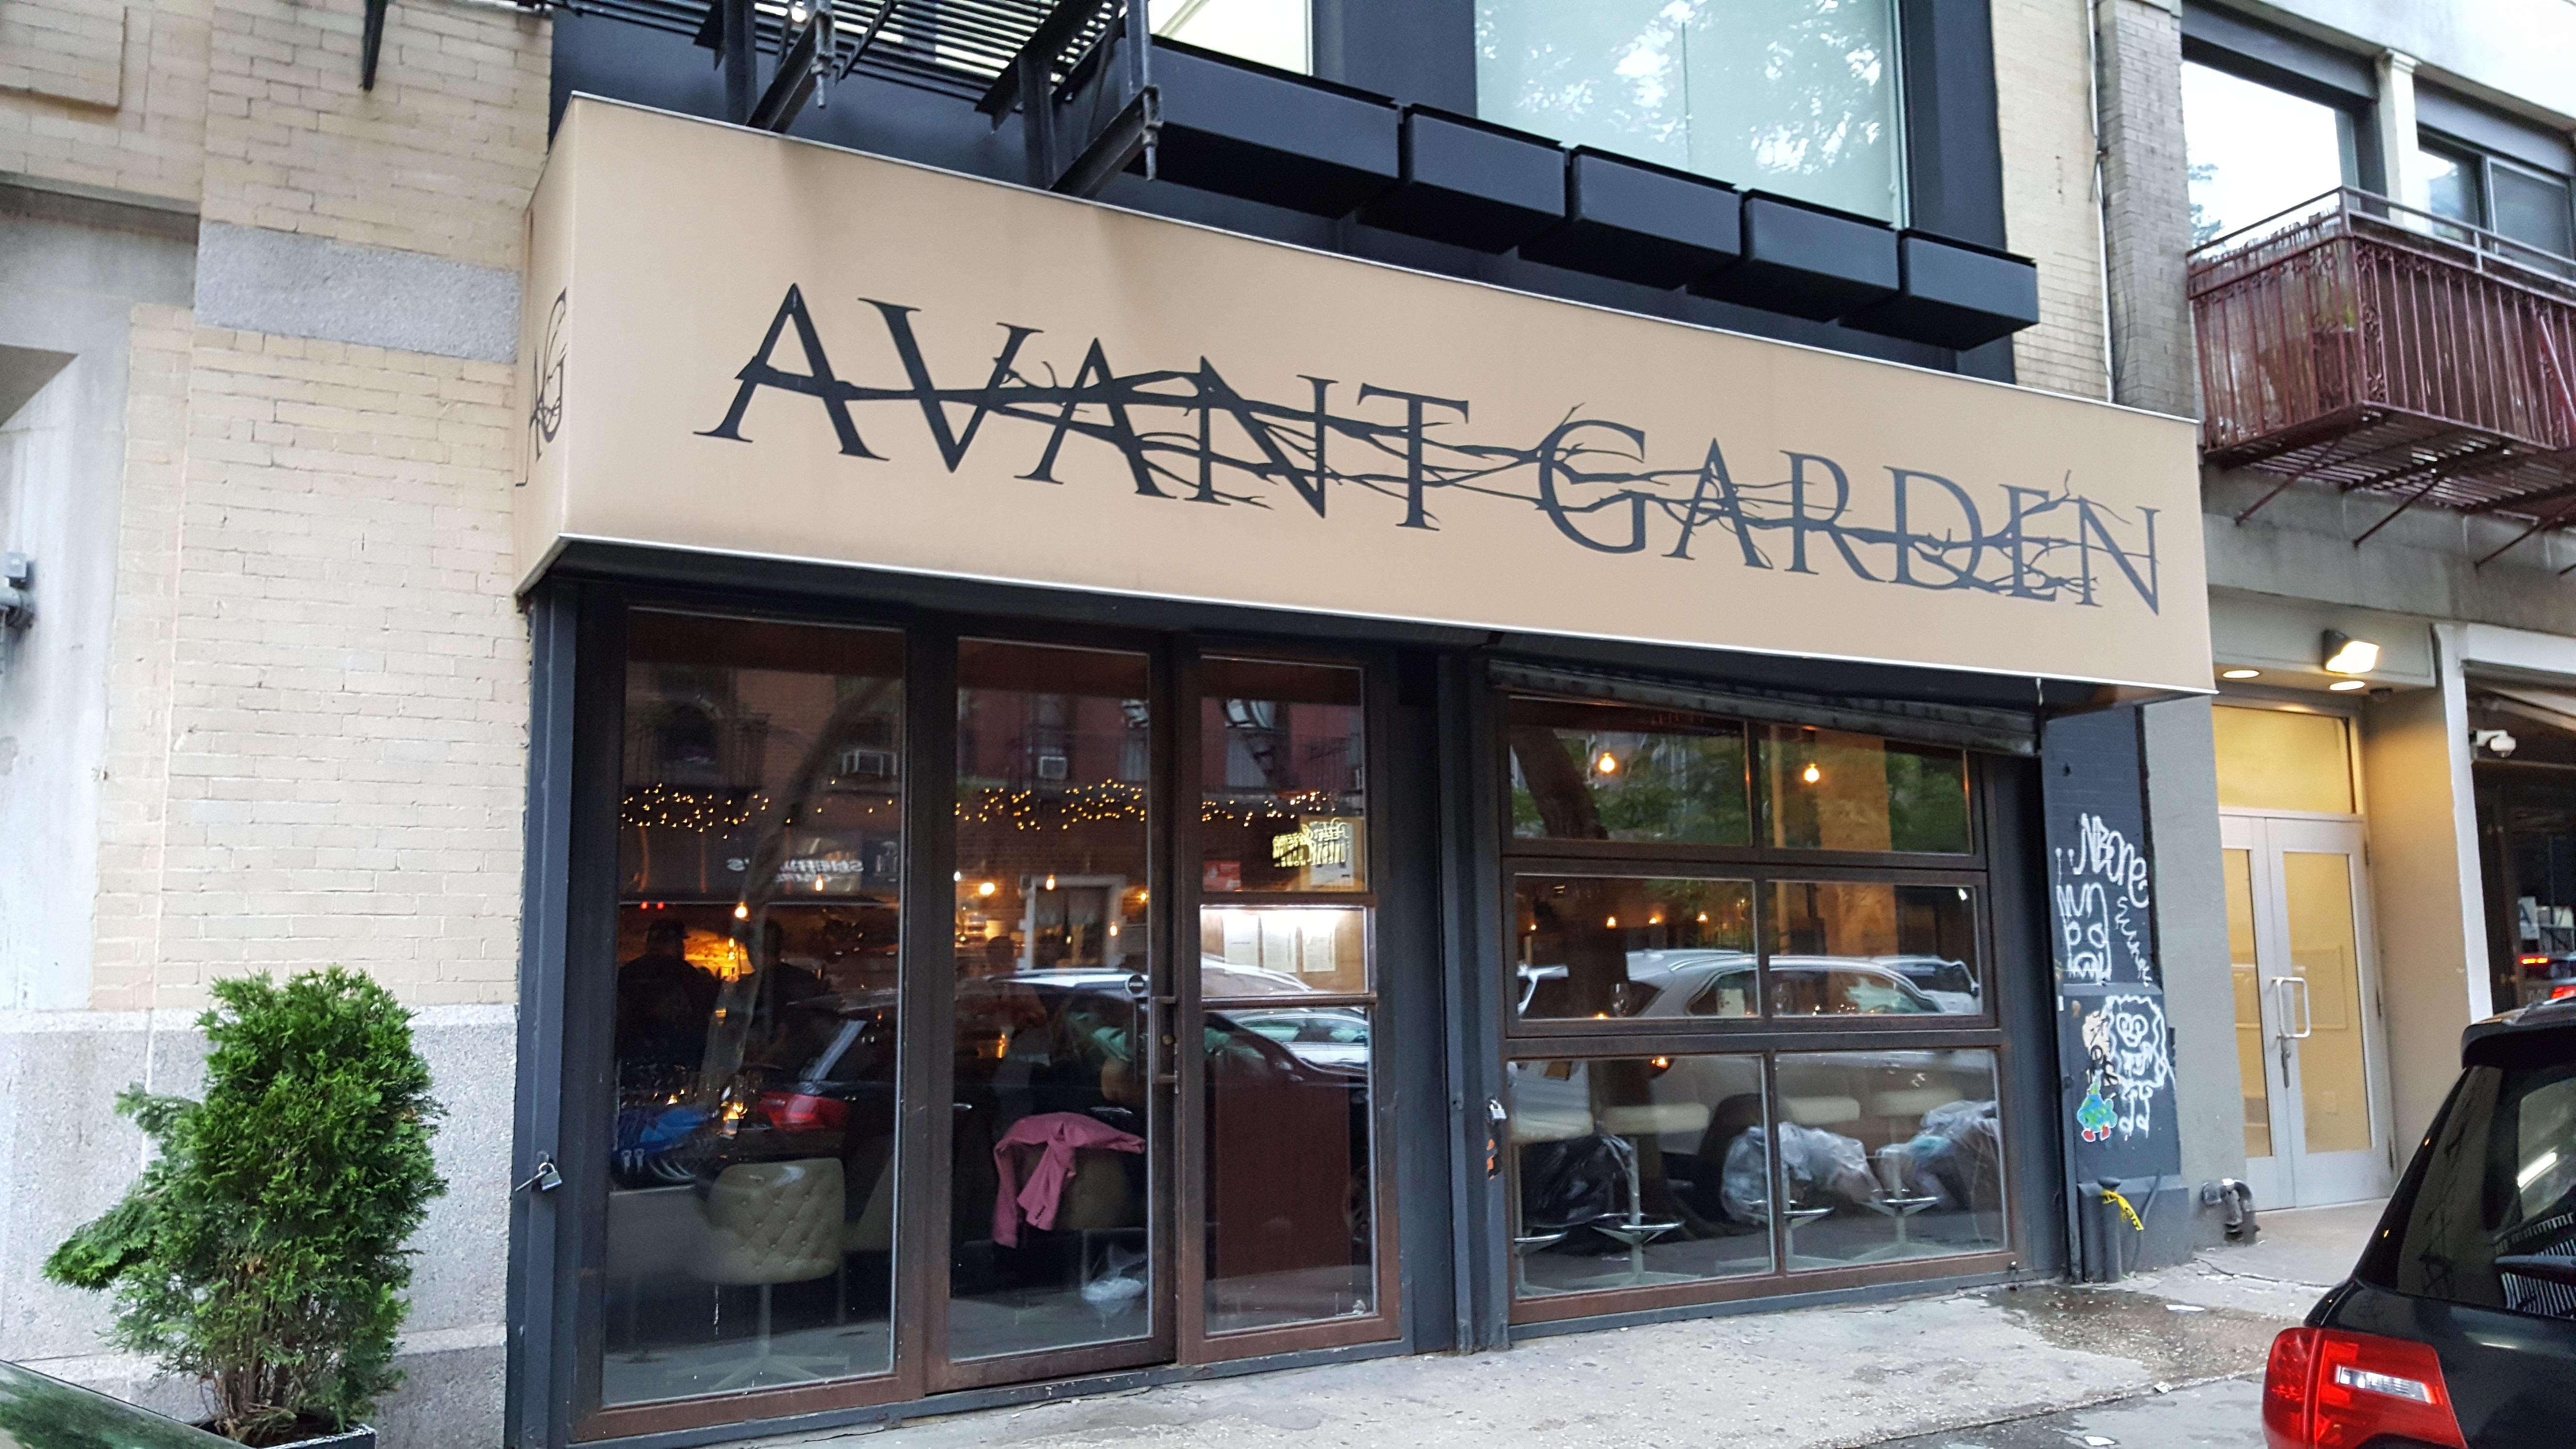 avant garden new york - Avant Garden